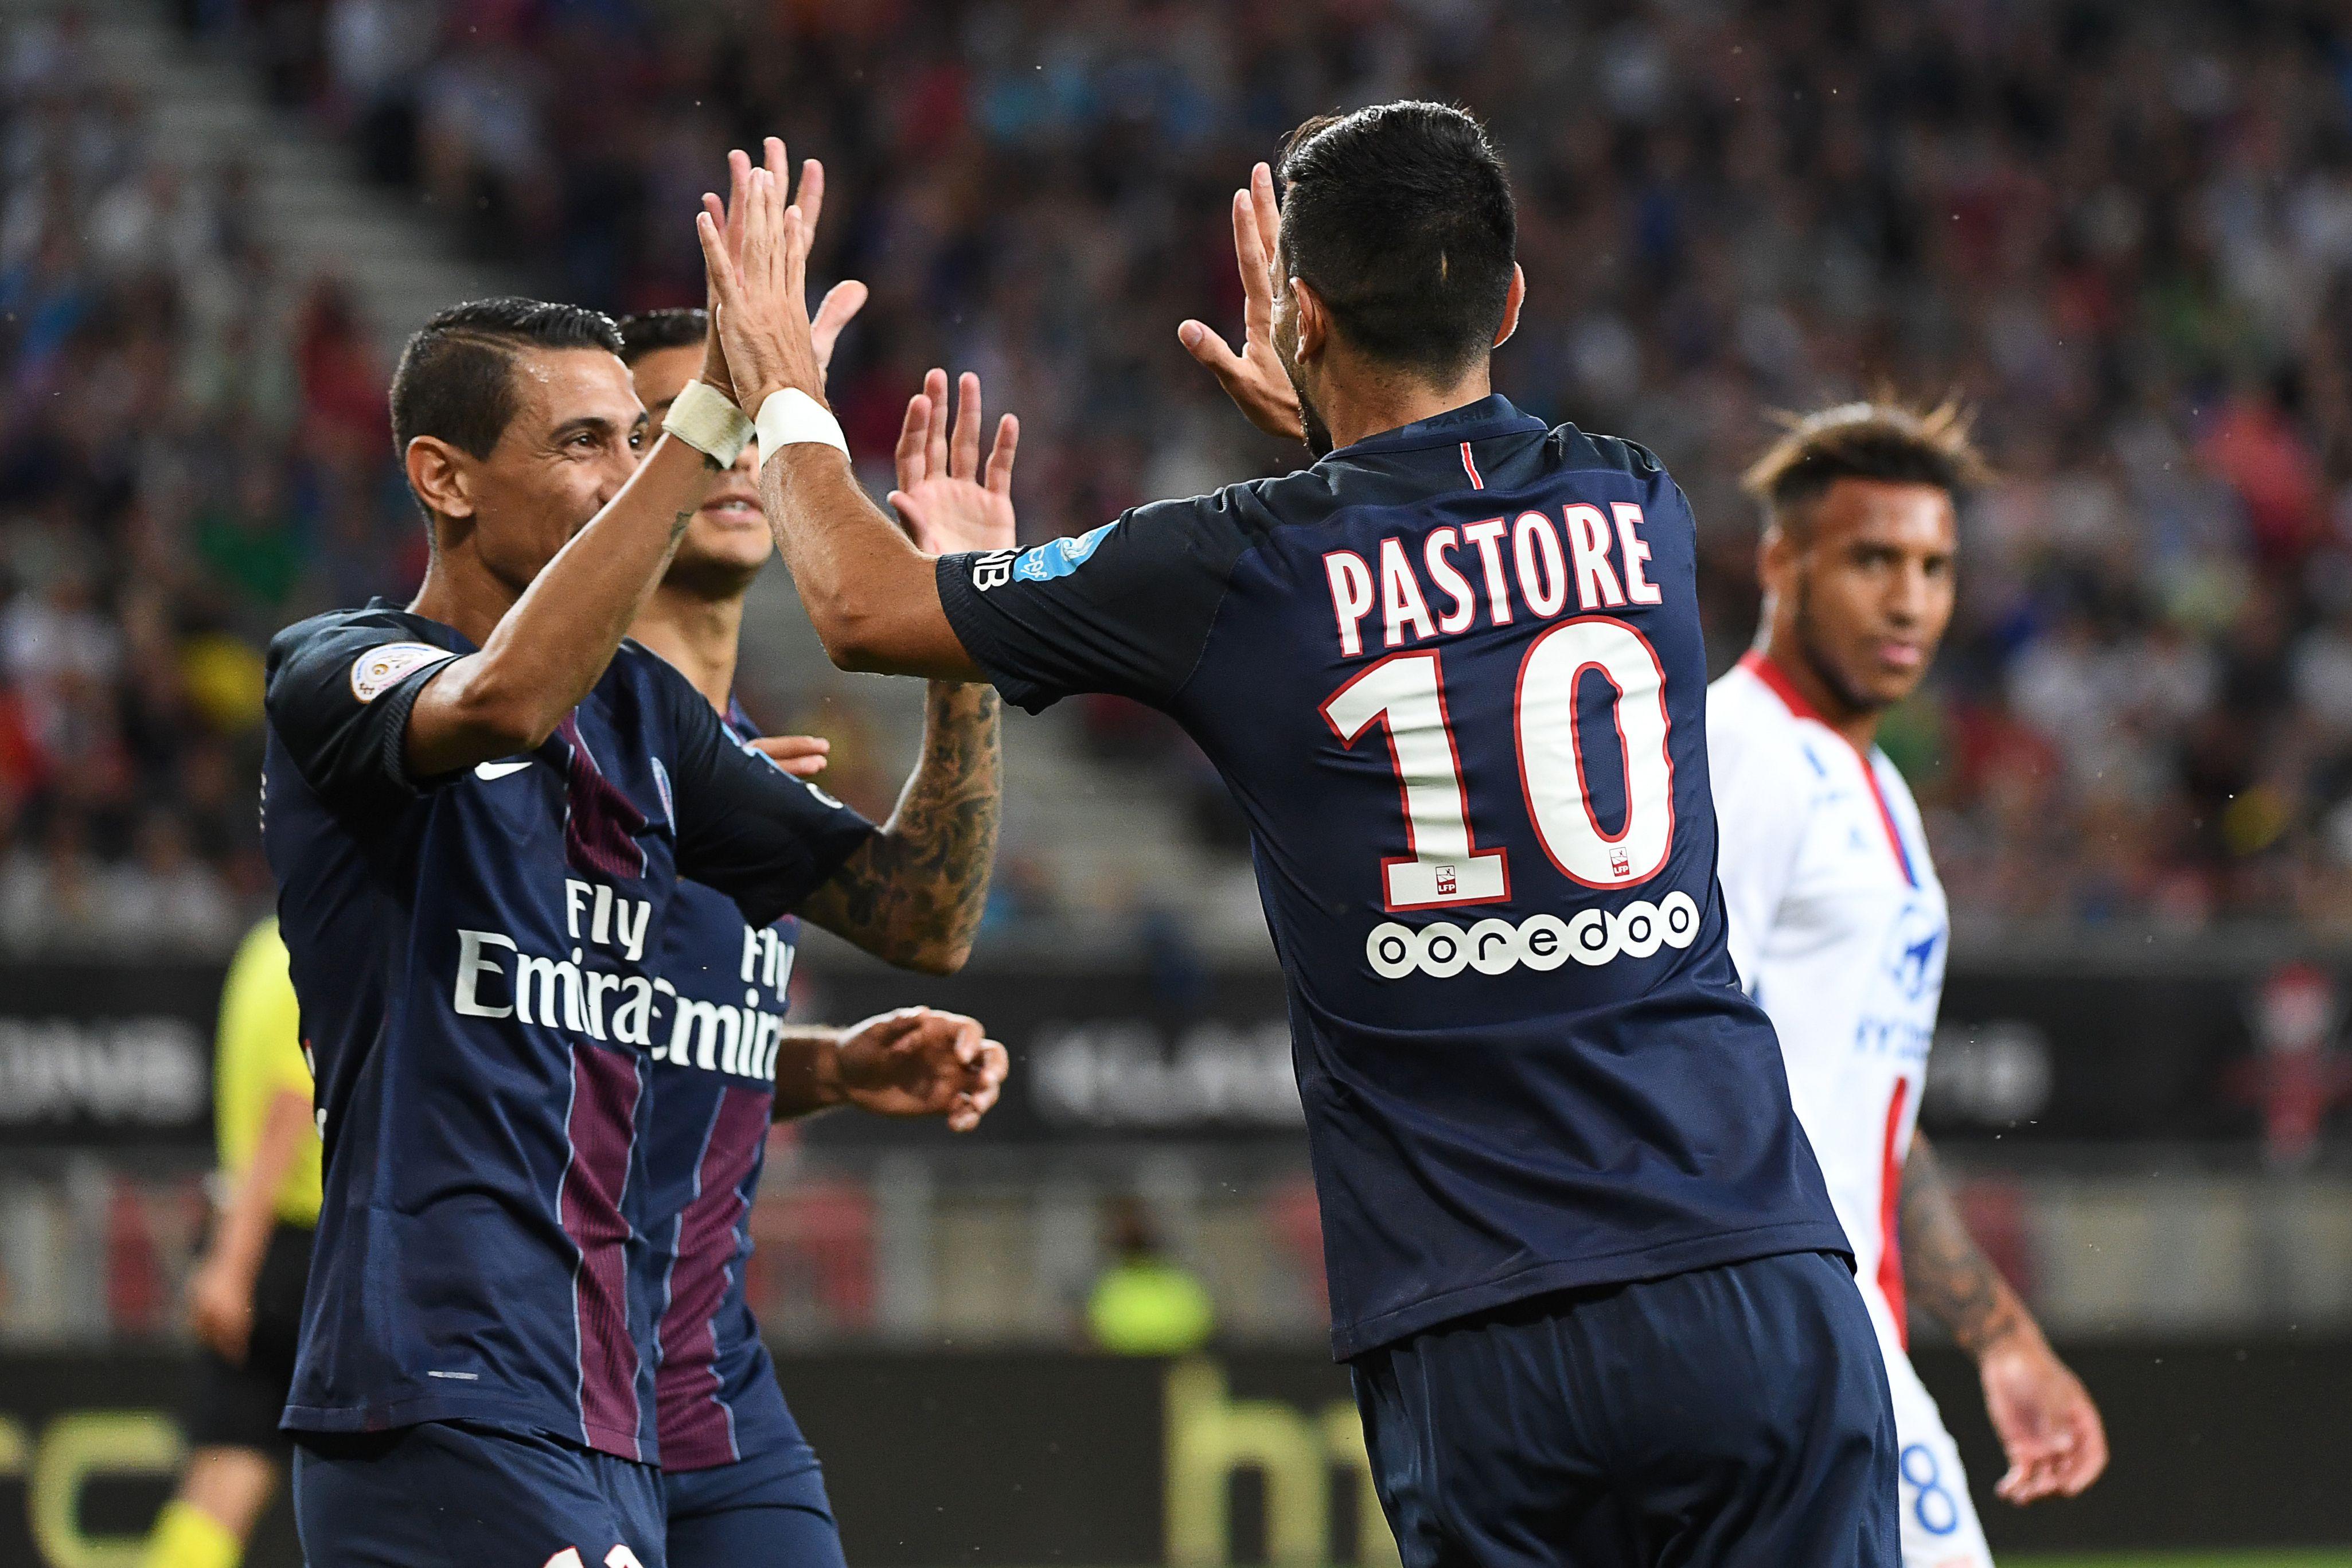 Pastore tiene su primer buen gesto con Neymar